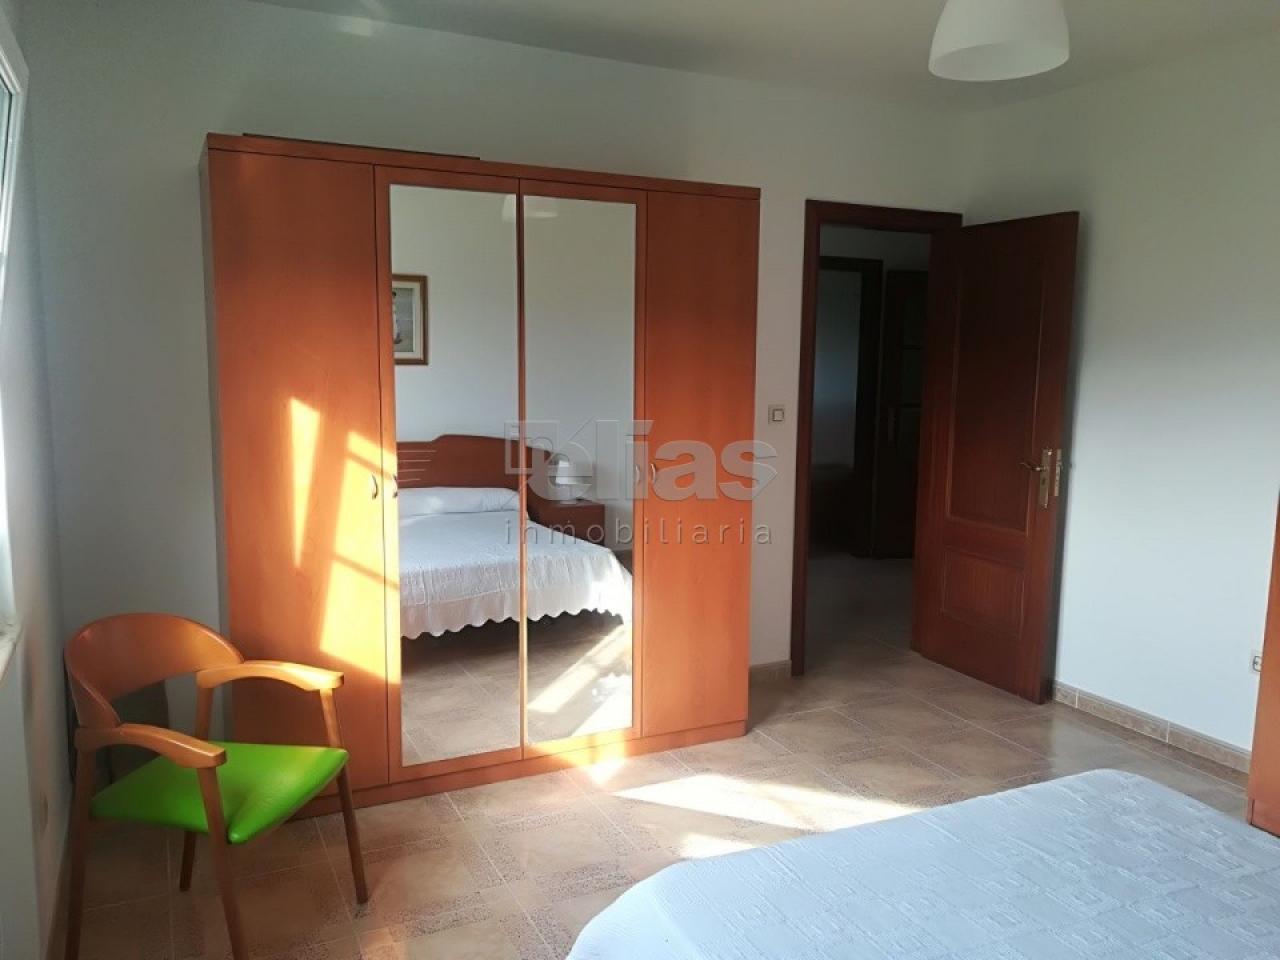 Casa en alquiler en Boaño – C000005